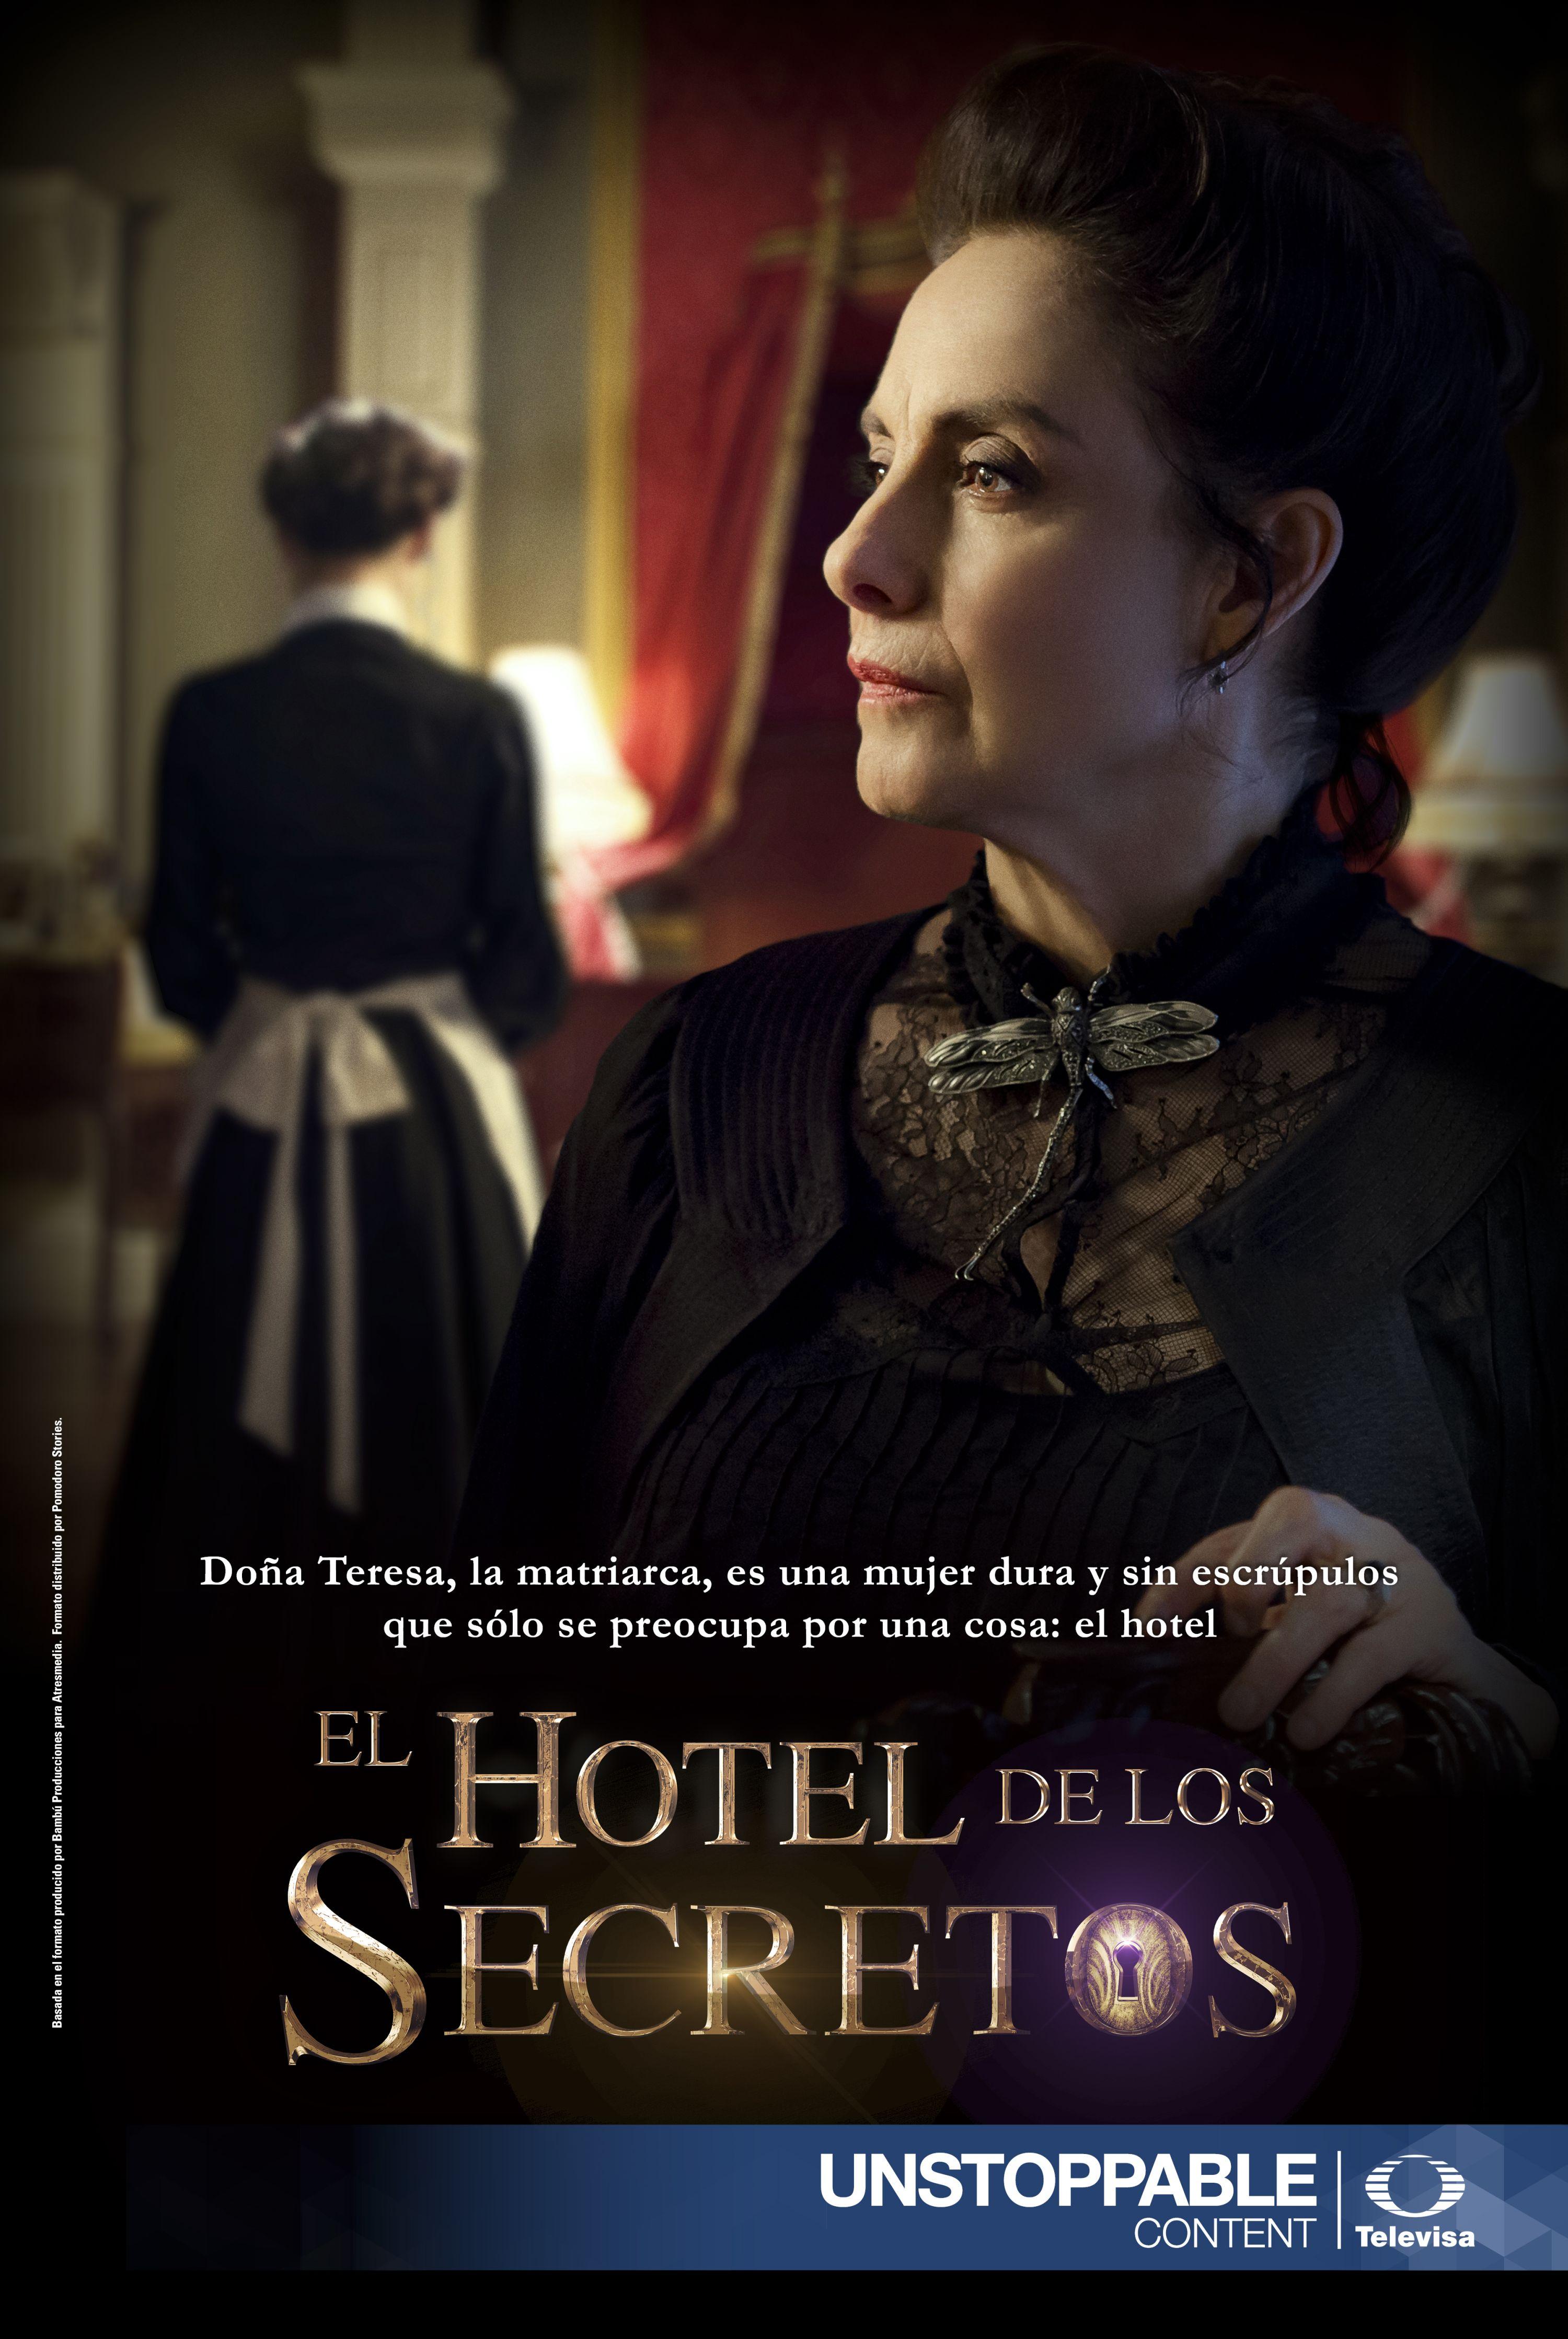 El hotel de los secretos (TV Series 2016– ) - IMDb